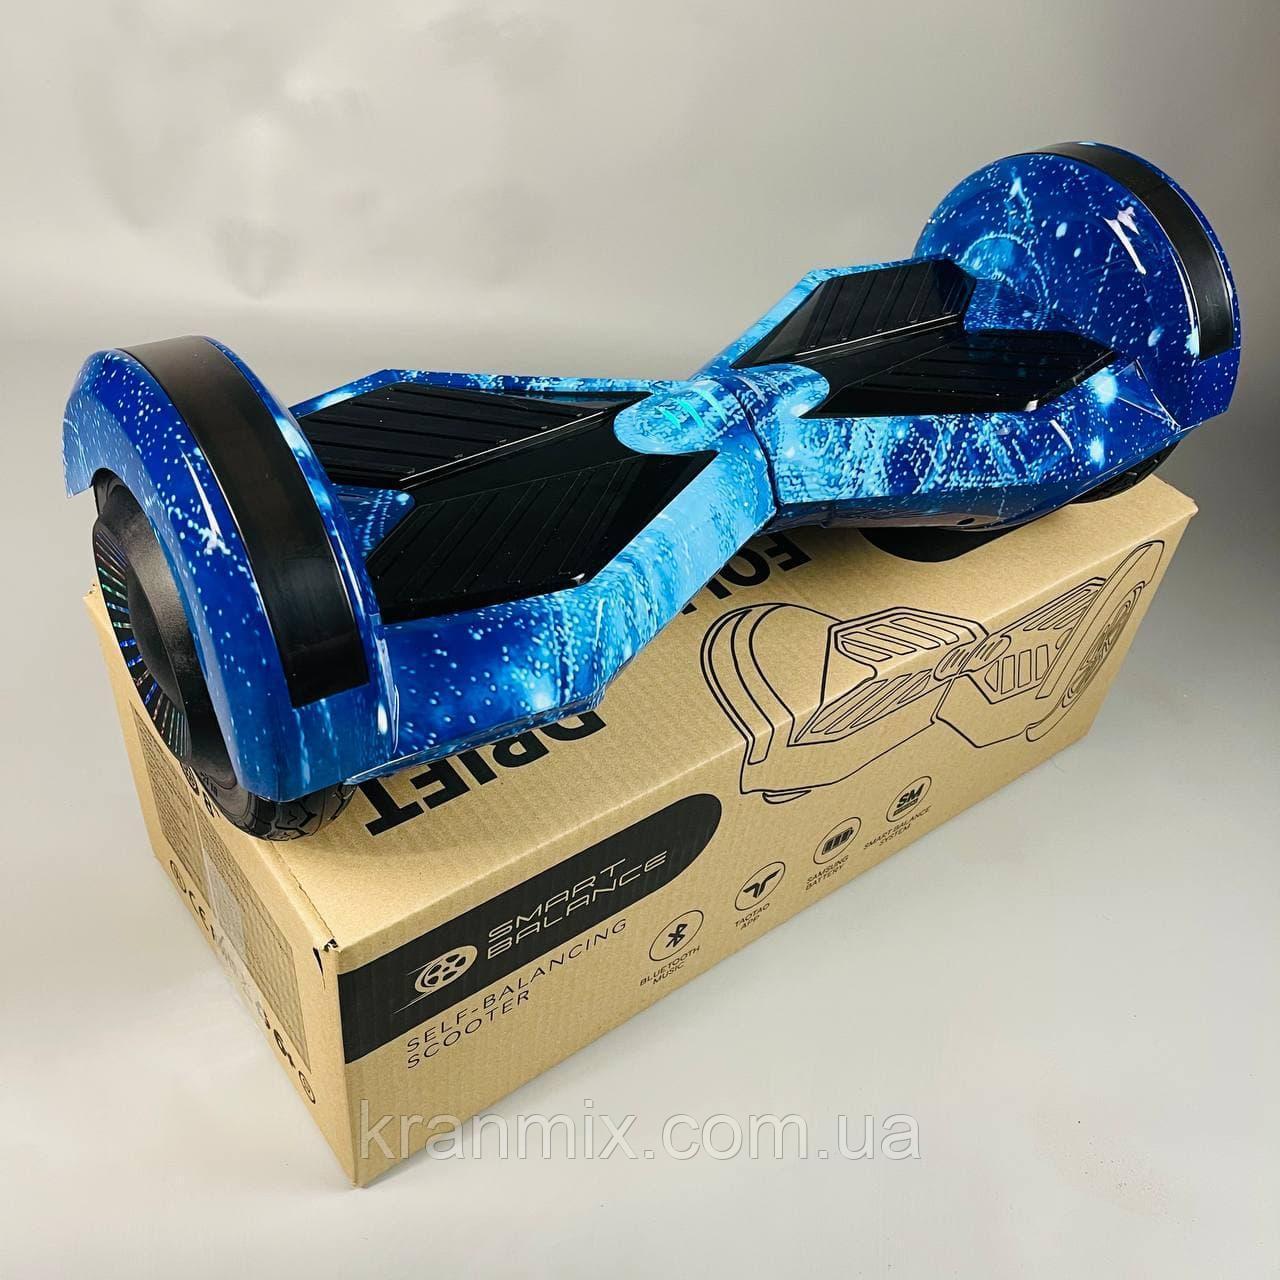 Гироскутер Smart Balance Wheel Pro 8 Синій космос з підсвічуванням | Надійний гироборд Смарт Баланс з